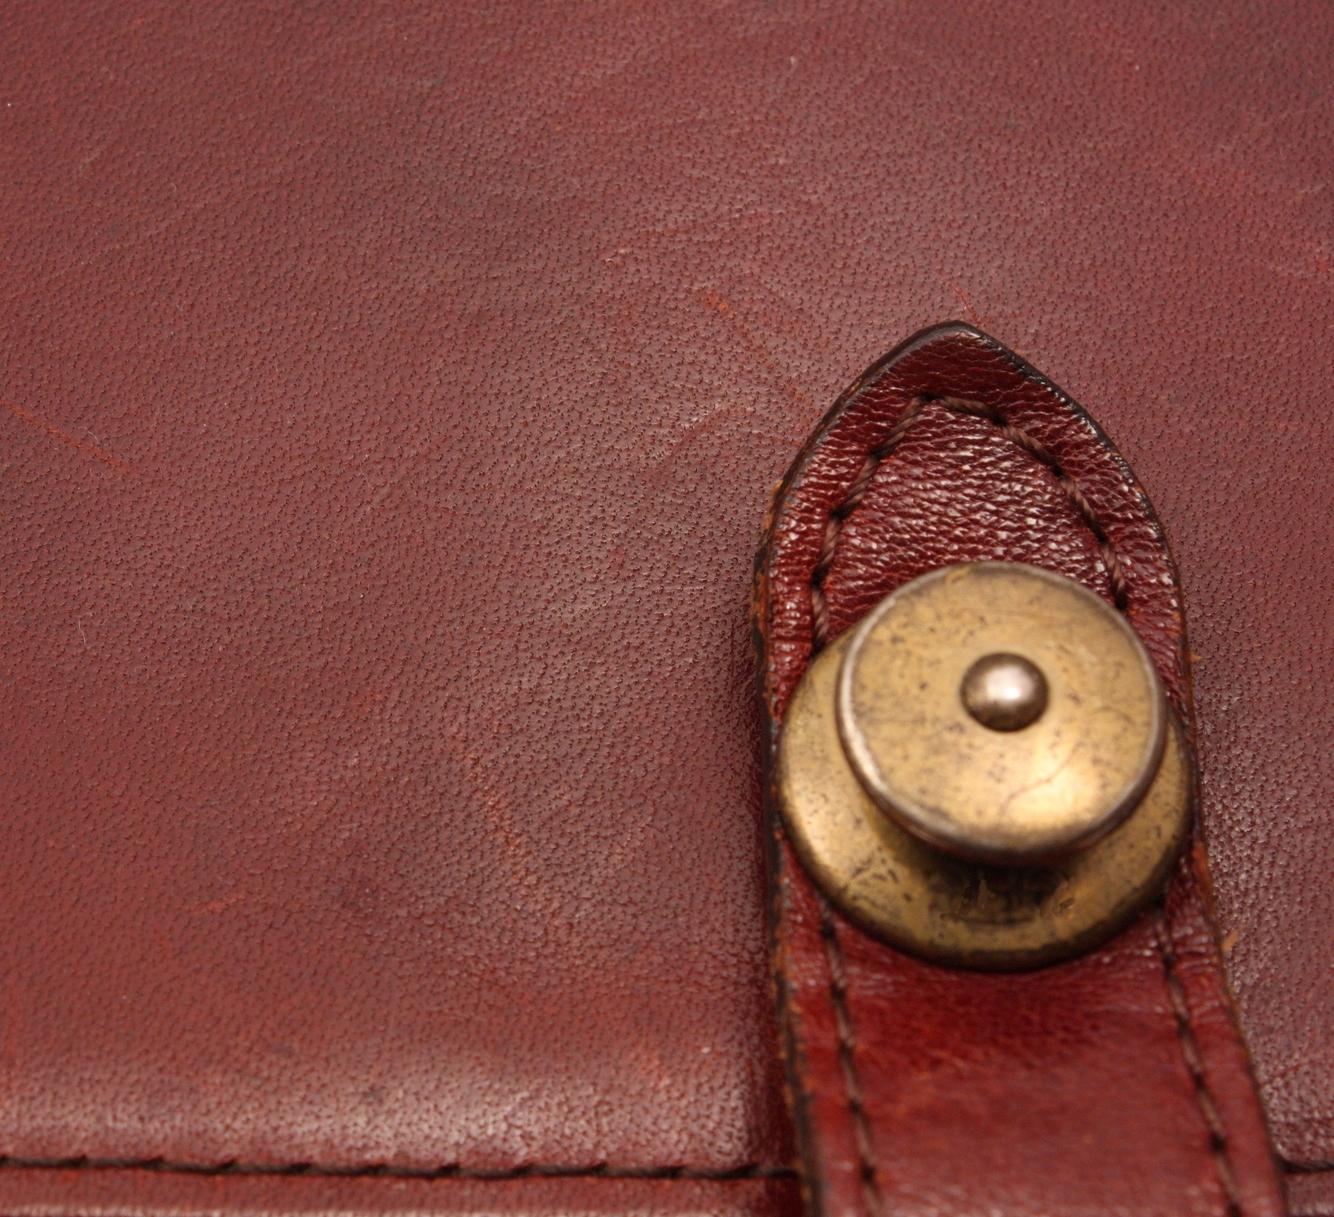 レザーバッグを買う前に知っておきたい専門用語10選<br />